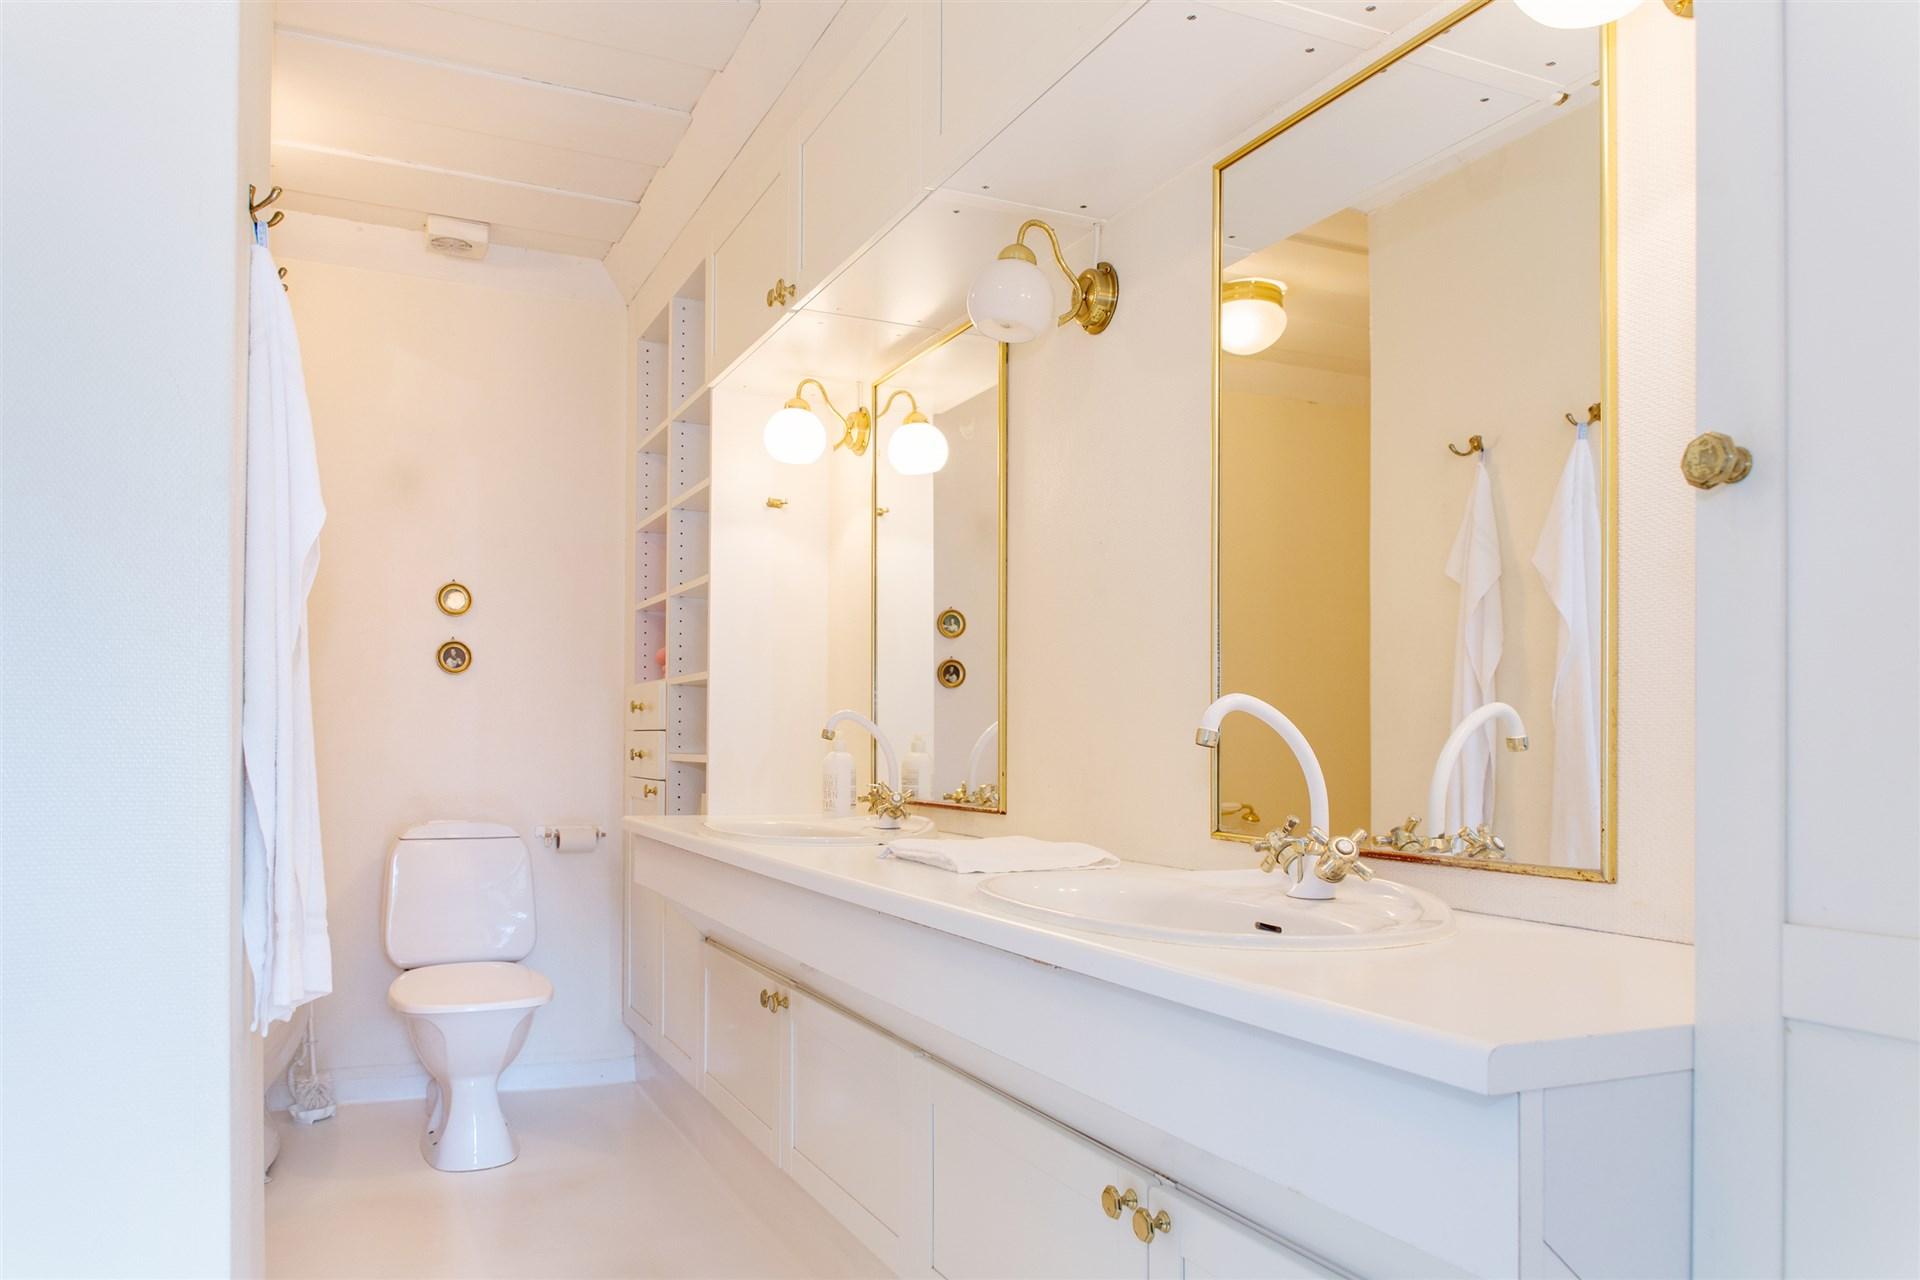 Badrum övervåning  med dubbla tvättställ och hörnbadkar